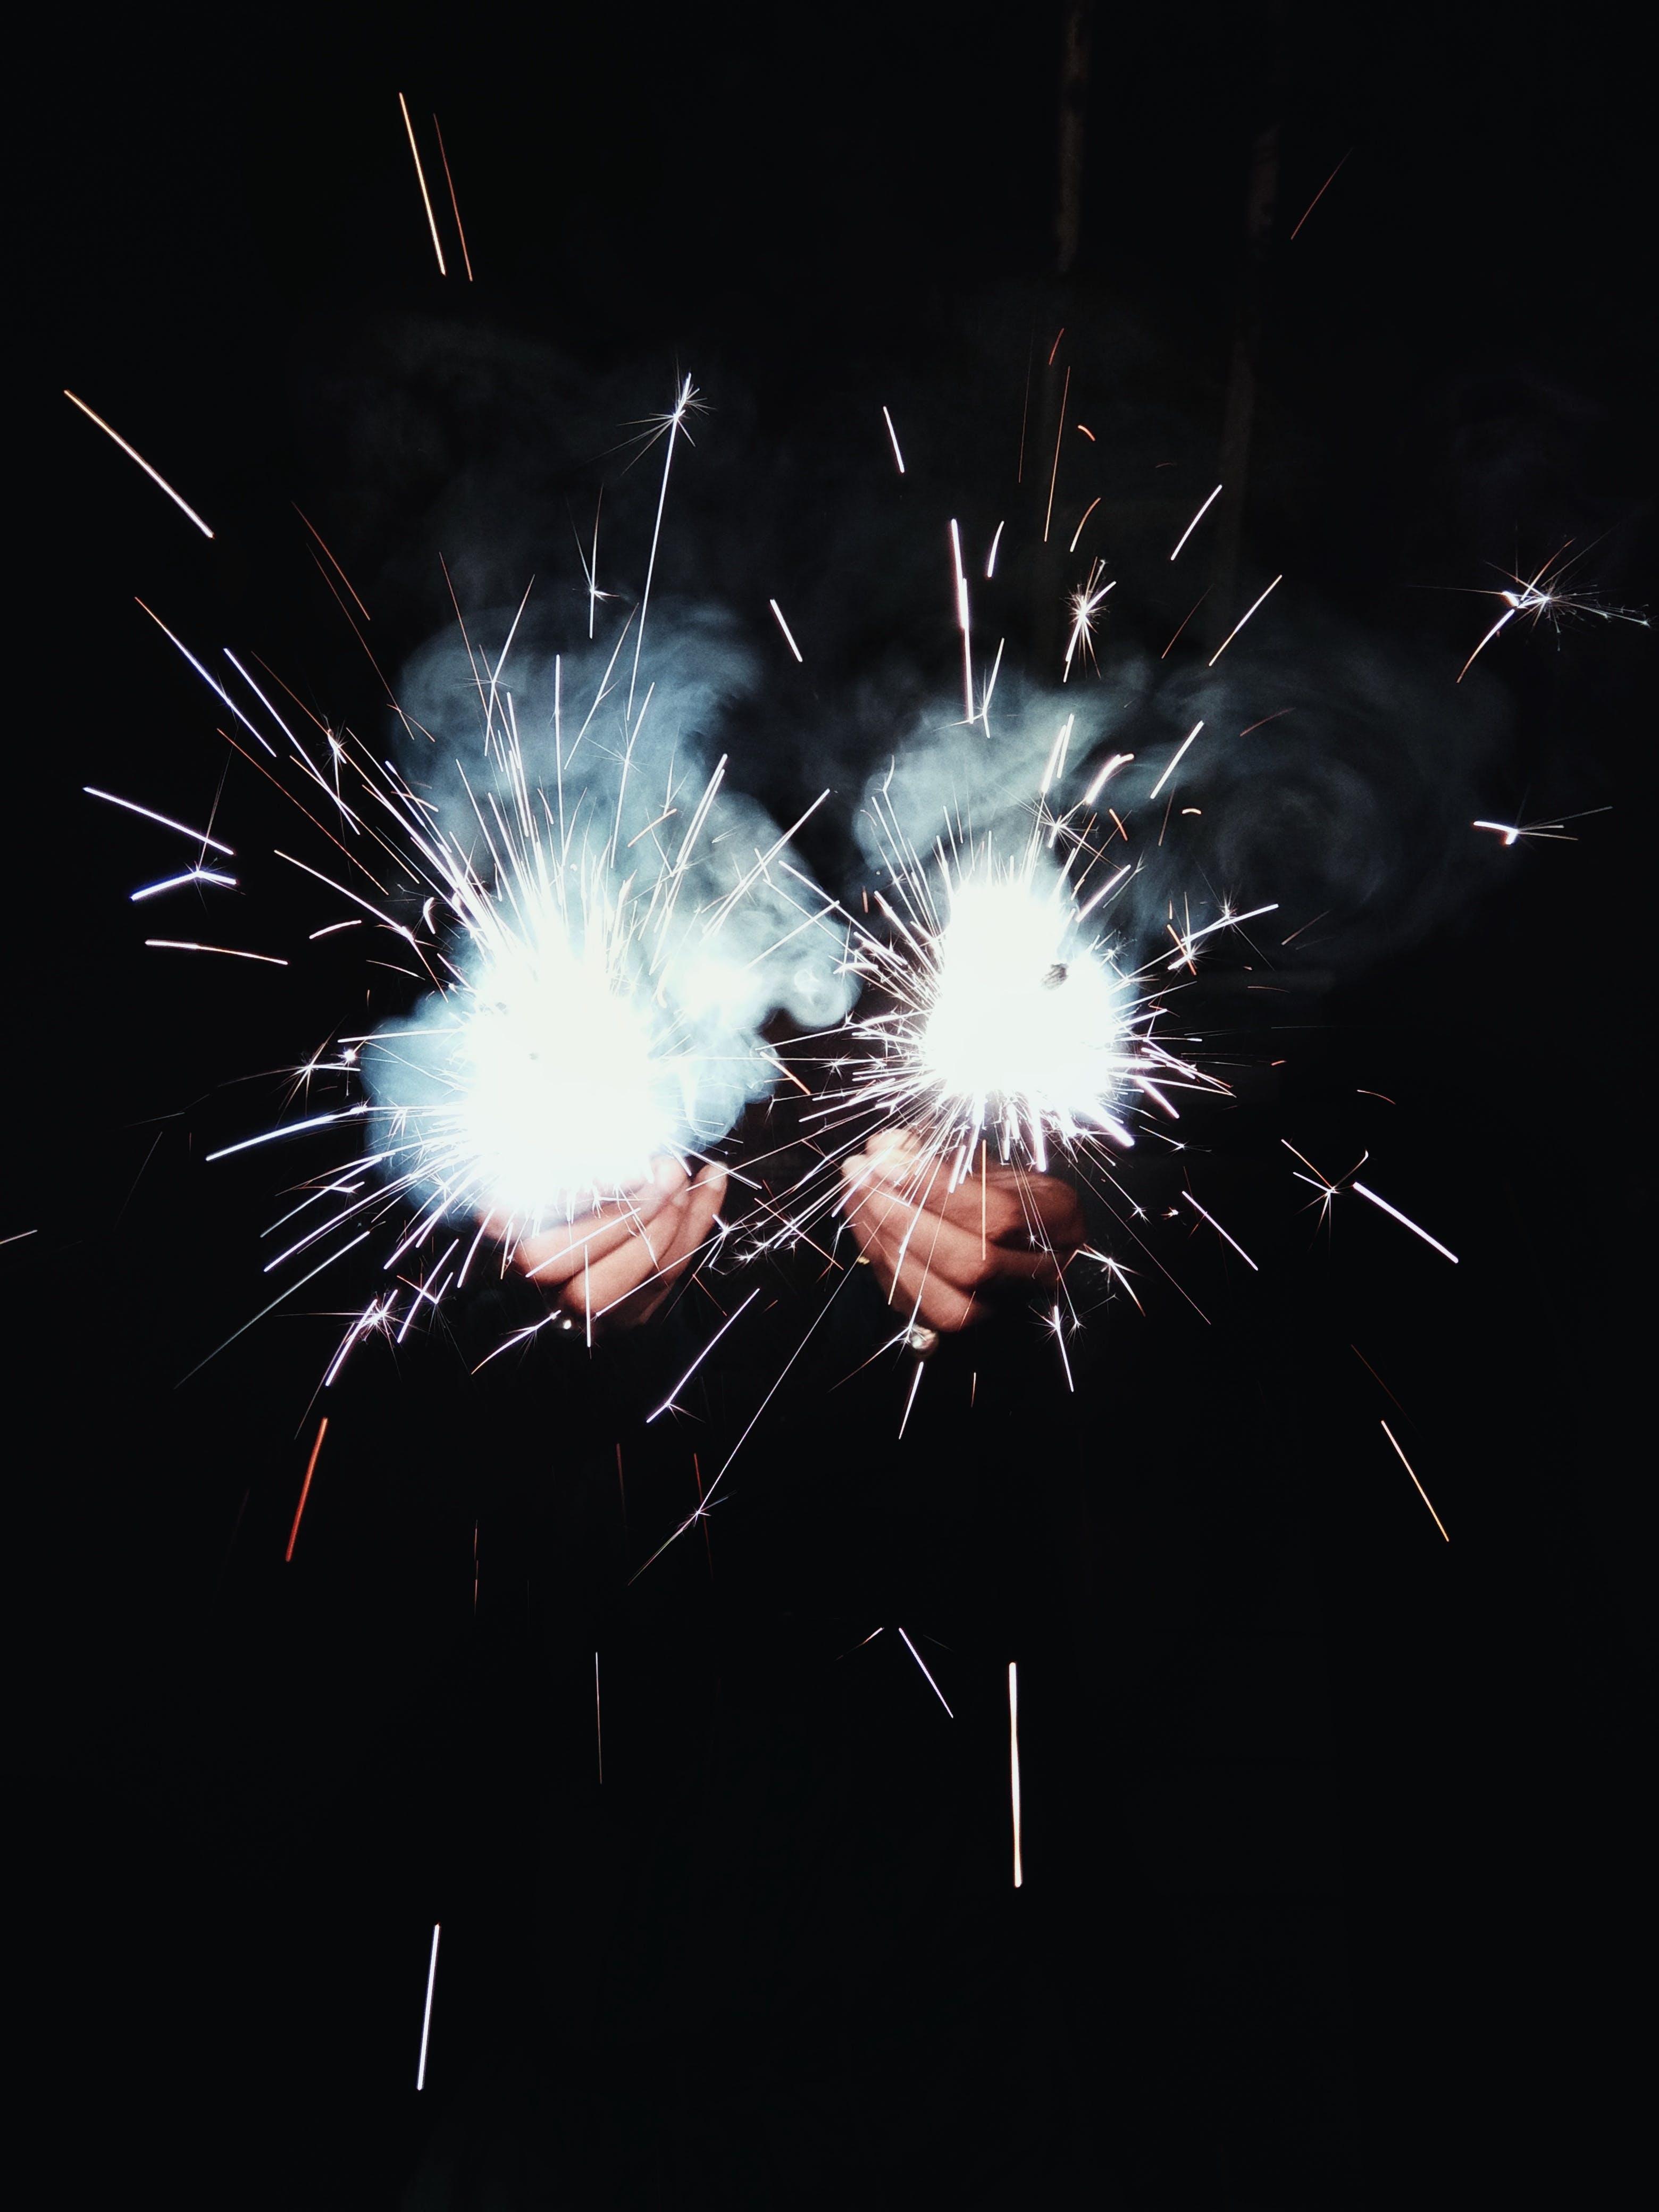 Δωρεάν στοκ φωτογραφιών με 4k ταπετσαρία, αστερίες, αφρώδης, εορτασμός